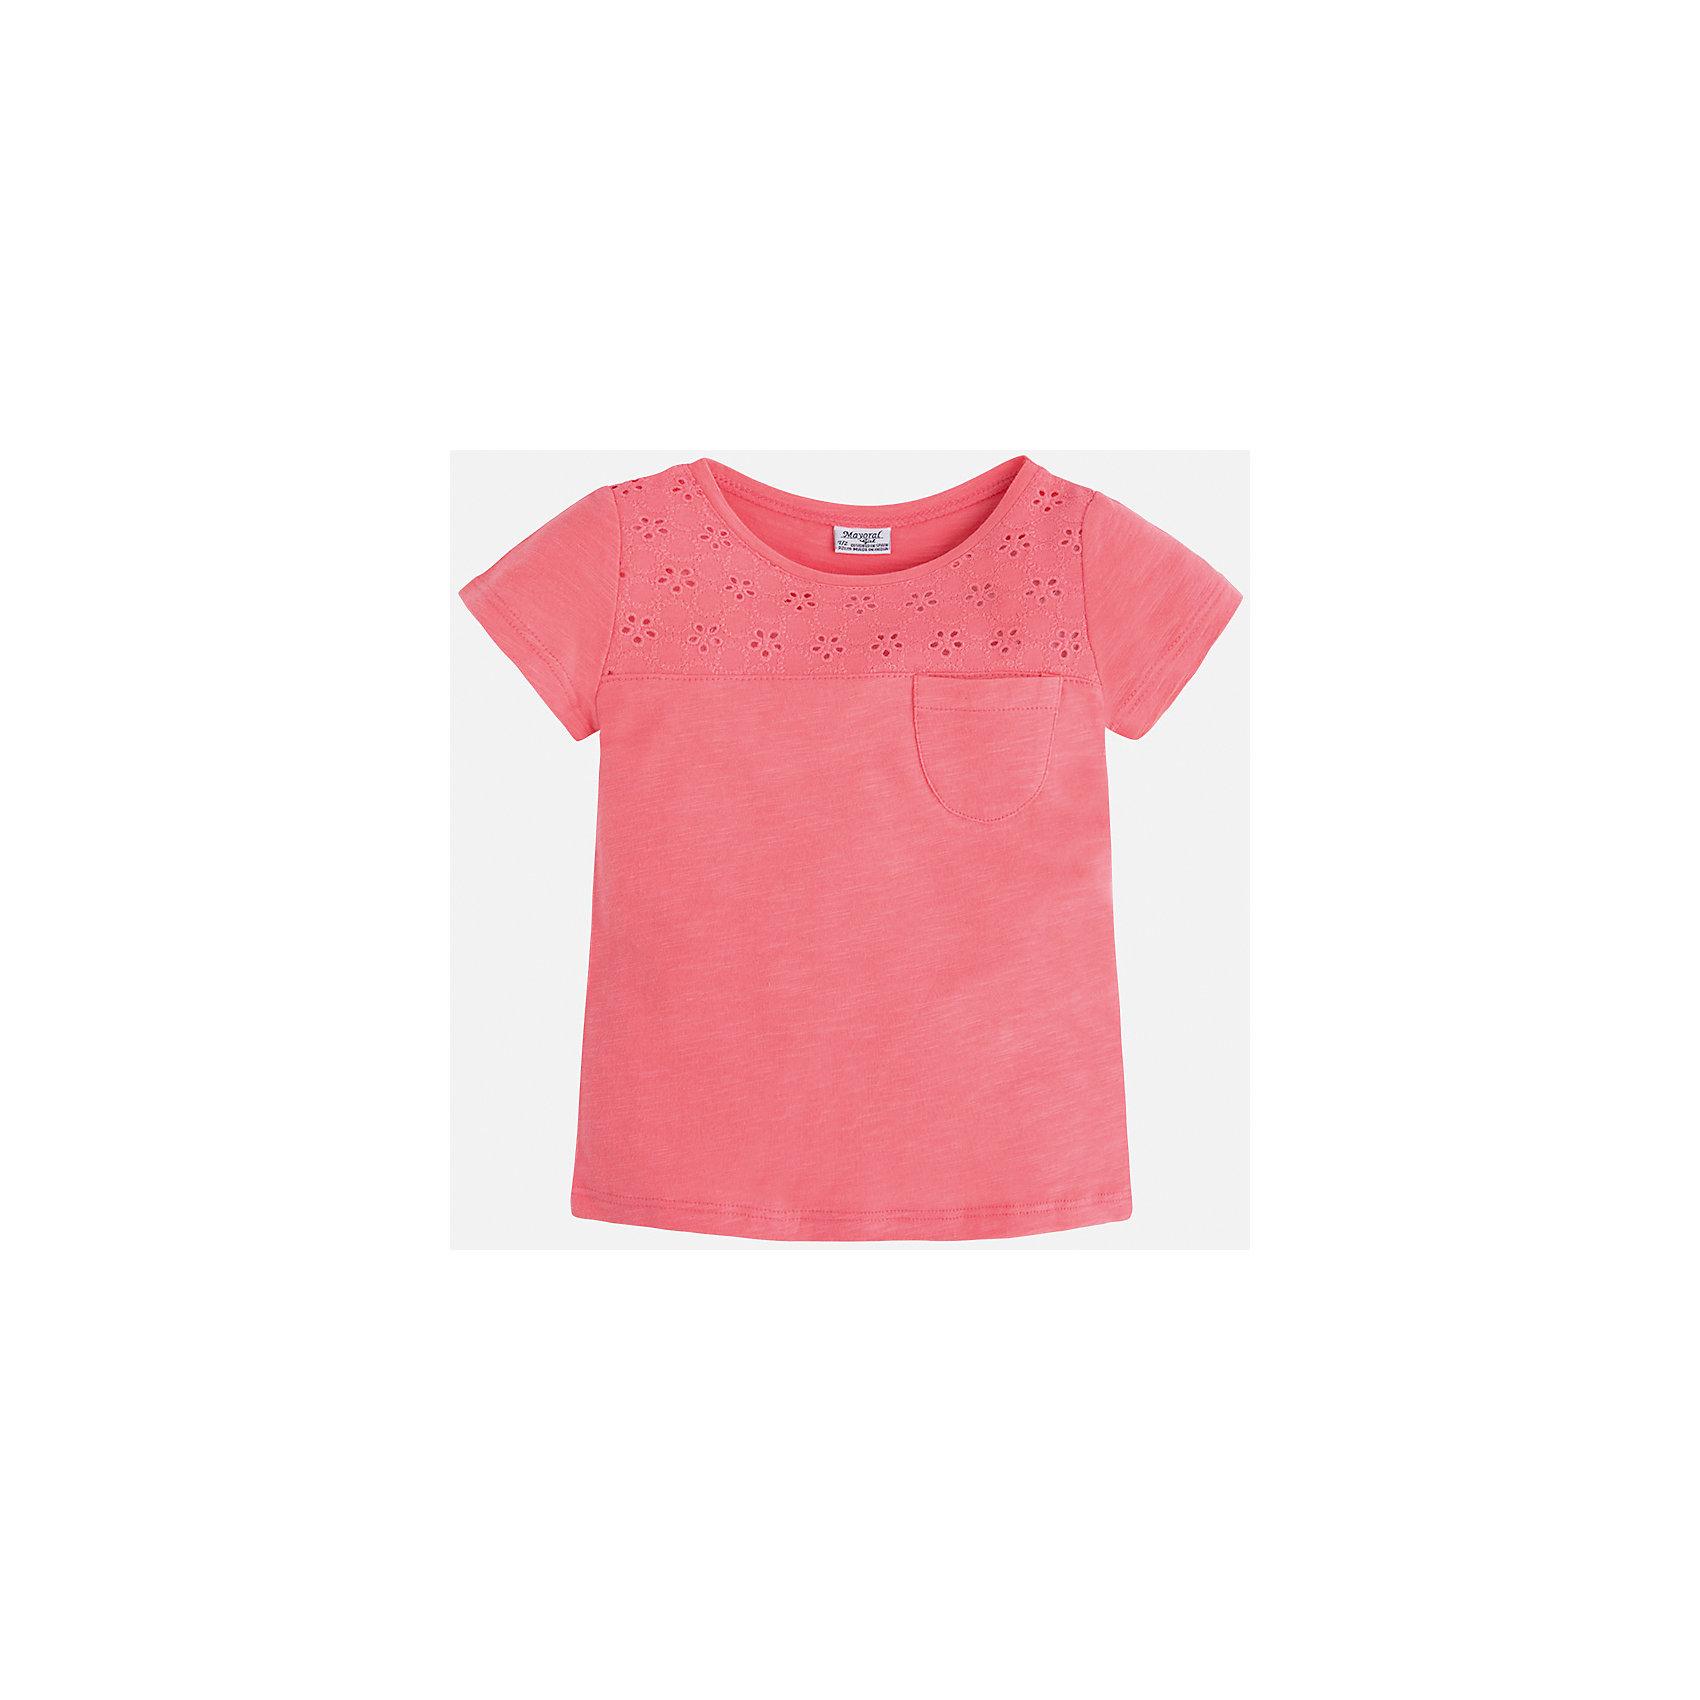 Футболка для девочки MayoralХарактеристики товара:<br><br>• цвет: розовый<br>• состав: 100% хлопок<br>• ажурный верх<br>• карман на груди<br>• короткие рукава<br>• округлый горловой вырез<br>• страна бренда: Испания<br><br>Стильная качественная футболка для девочки поможет разнообразить гардероб ребенка и украсить наряд. Она отлично сочетается и с юбками, и с шортами, и с брюками. Универсальный цвет позволяет подобрать к вещи низ практически любой расцветки. Интересная отделка модели делает её нарядной и оригинальной. В составе ткани преобладает натуральный хлопок, гипоаллергенный, приятный на ощупь, дышащий.<br><br>Одежда, обувь и аксессуары от испанского бренда Mayoral полюбились детям и взрослым по всему миру. Модели этой марки - стильные и удобные. Для их производства используются только безопасные, качественные материалы и фурнитура. Порадуйте ребенка модными и красивыми вещами от Mayoral! <br><br>Футболку для девочки от испанского бренда Mayoral (Майорал) можно купить в нашем интернет-магазине.<br><br>Ширина мм: 199<br>Глубина мм: 10<br>Высота мм: 161<br>Вес г: 151<br>Цвет: оранжевый<br>Возраст от месяцев: 72<br>Возраст до месяцев: 84<br>Пол: Женский<br>Возраст: Детский<br>Размер: 122,116,110,104,98,92,134,128<br>SKU: 5288547